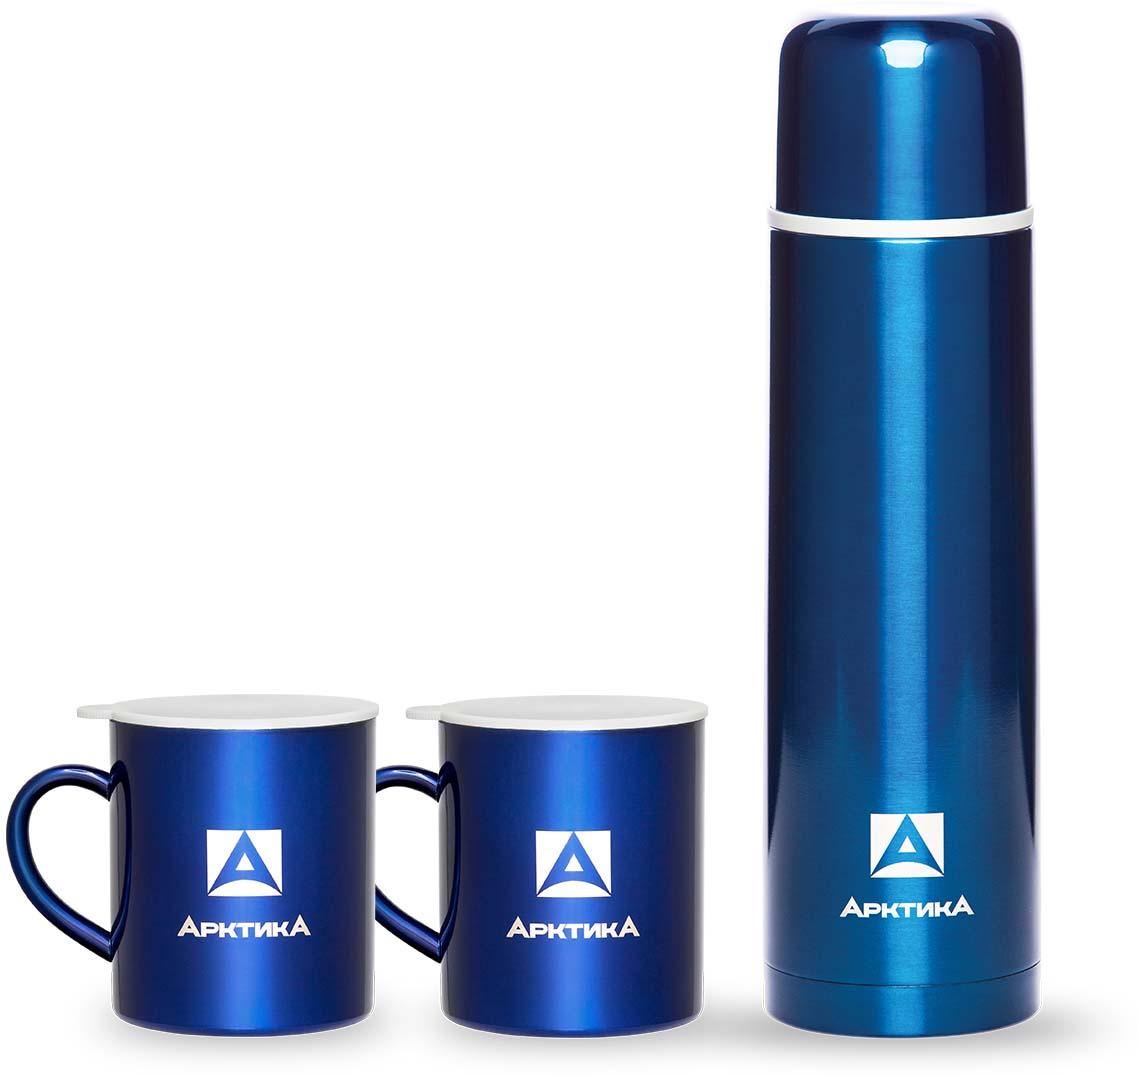 Набор Арктика: термос 1 л, две термокружки с крышкой по 300 мл, цвет: синий, 1 л. 102-1000S102-1000S синийНабор: Классический цветной термос с узким горлом и глухой пробкой и две термокружки с крышкой